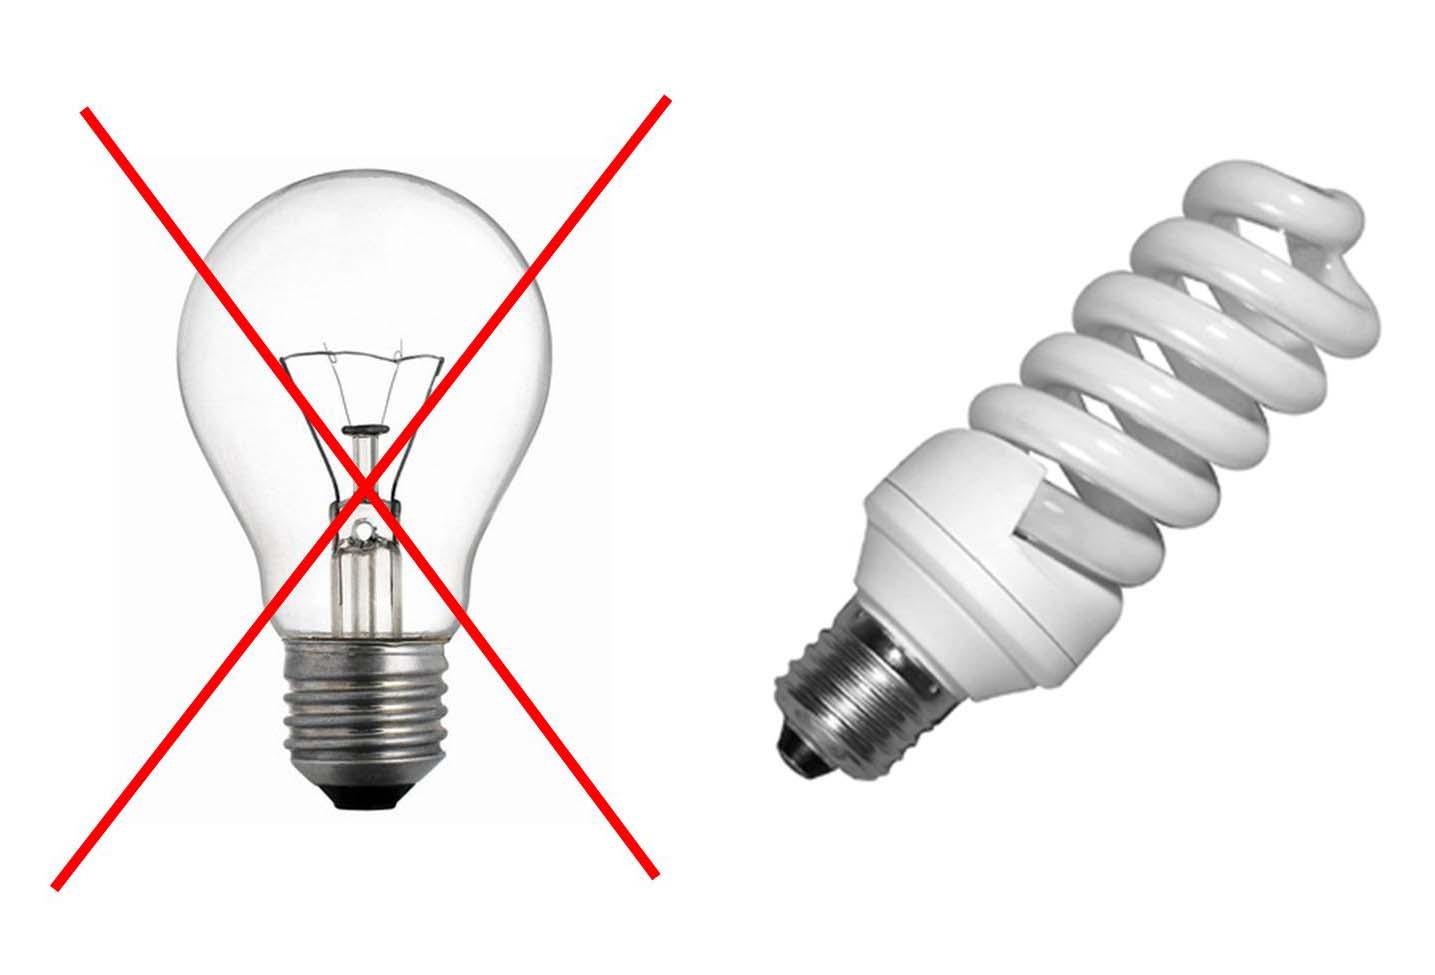 storia della lampadina : Buttiamo via le lampadine ad incandescenza!!! - Meteo valle ditria ...